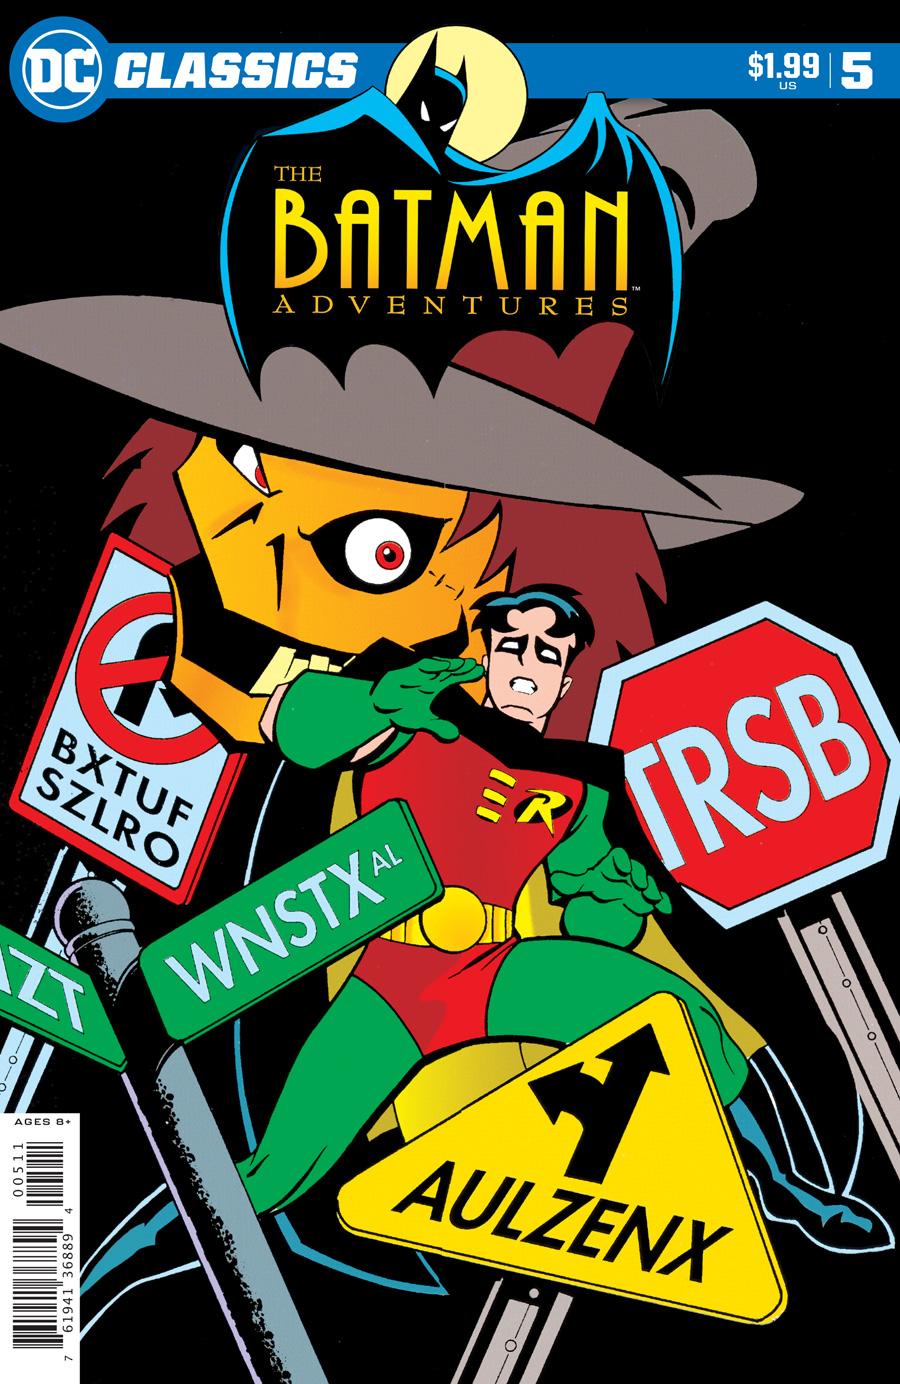 DC Classics: The Batman Adventures Vol 1 5